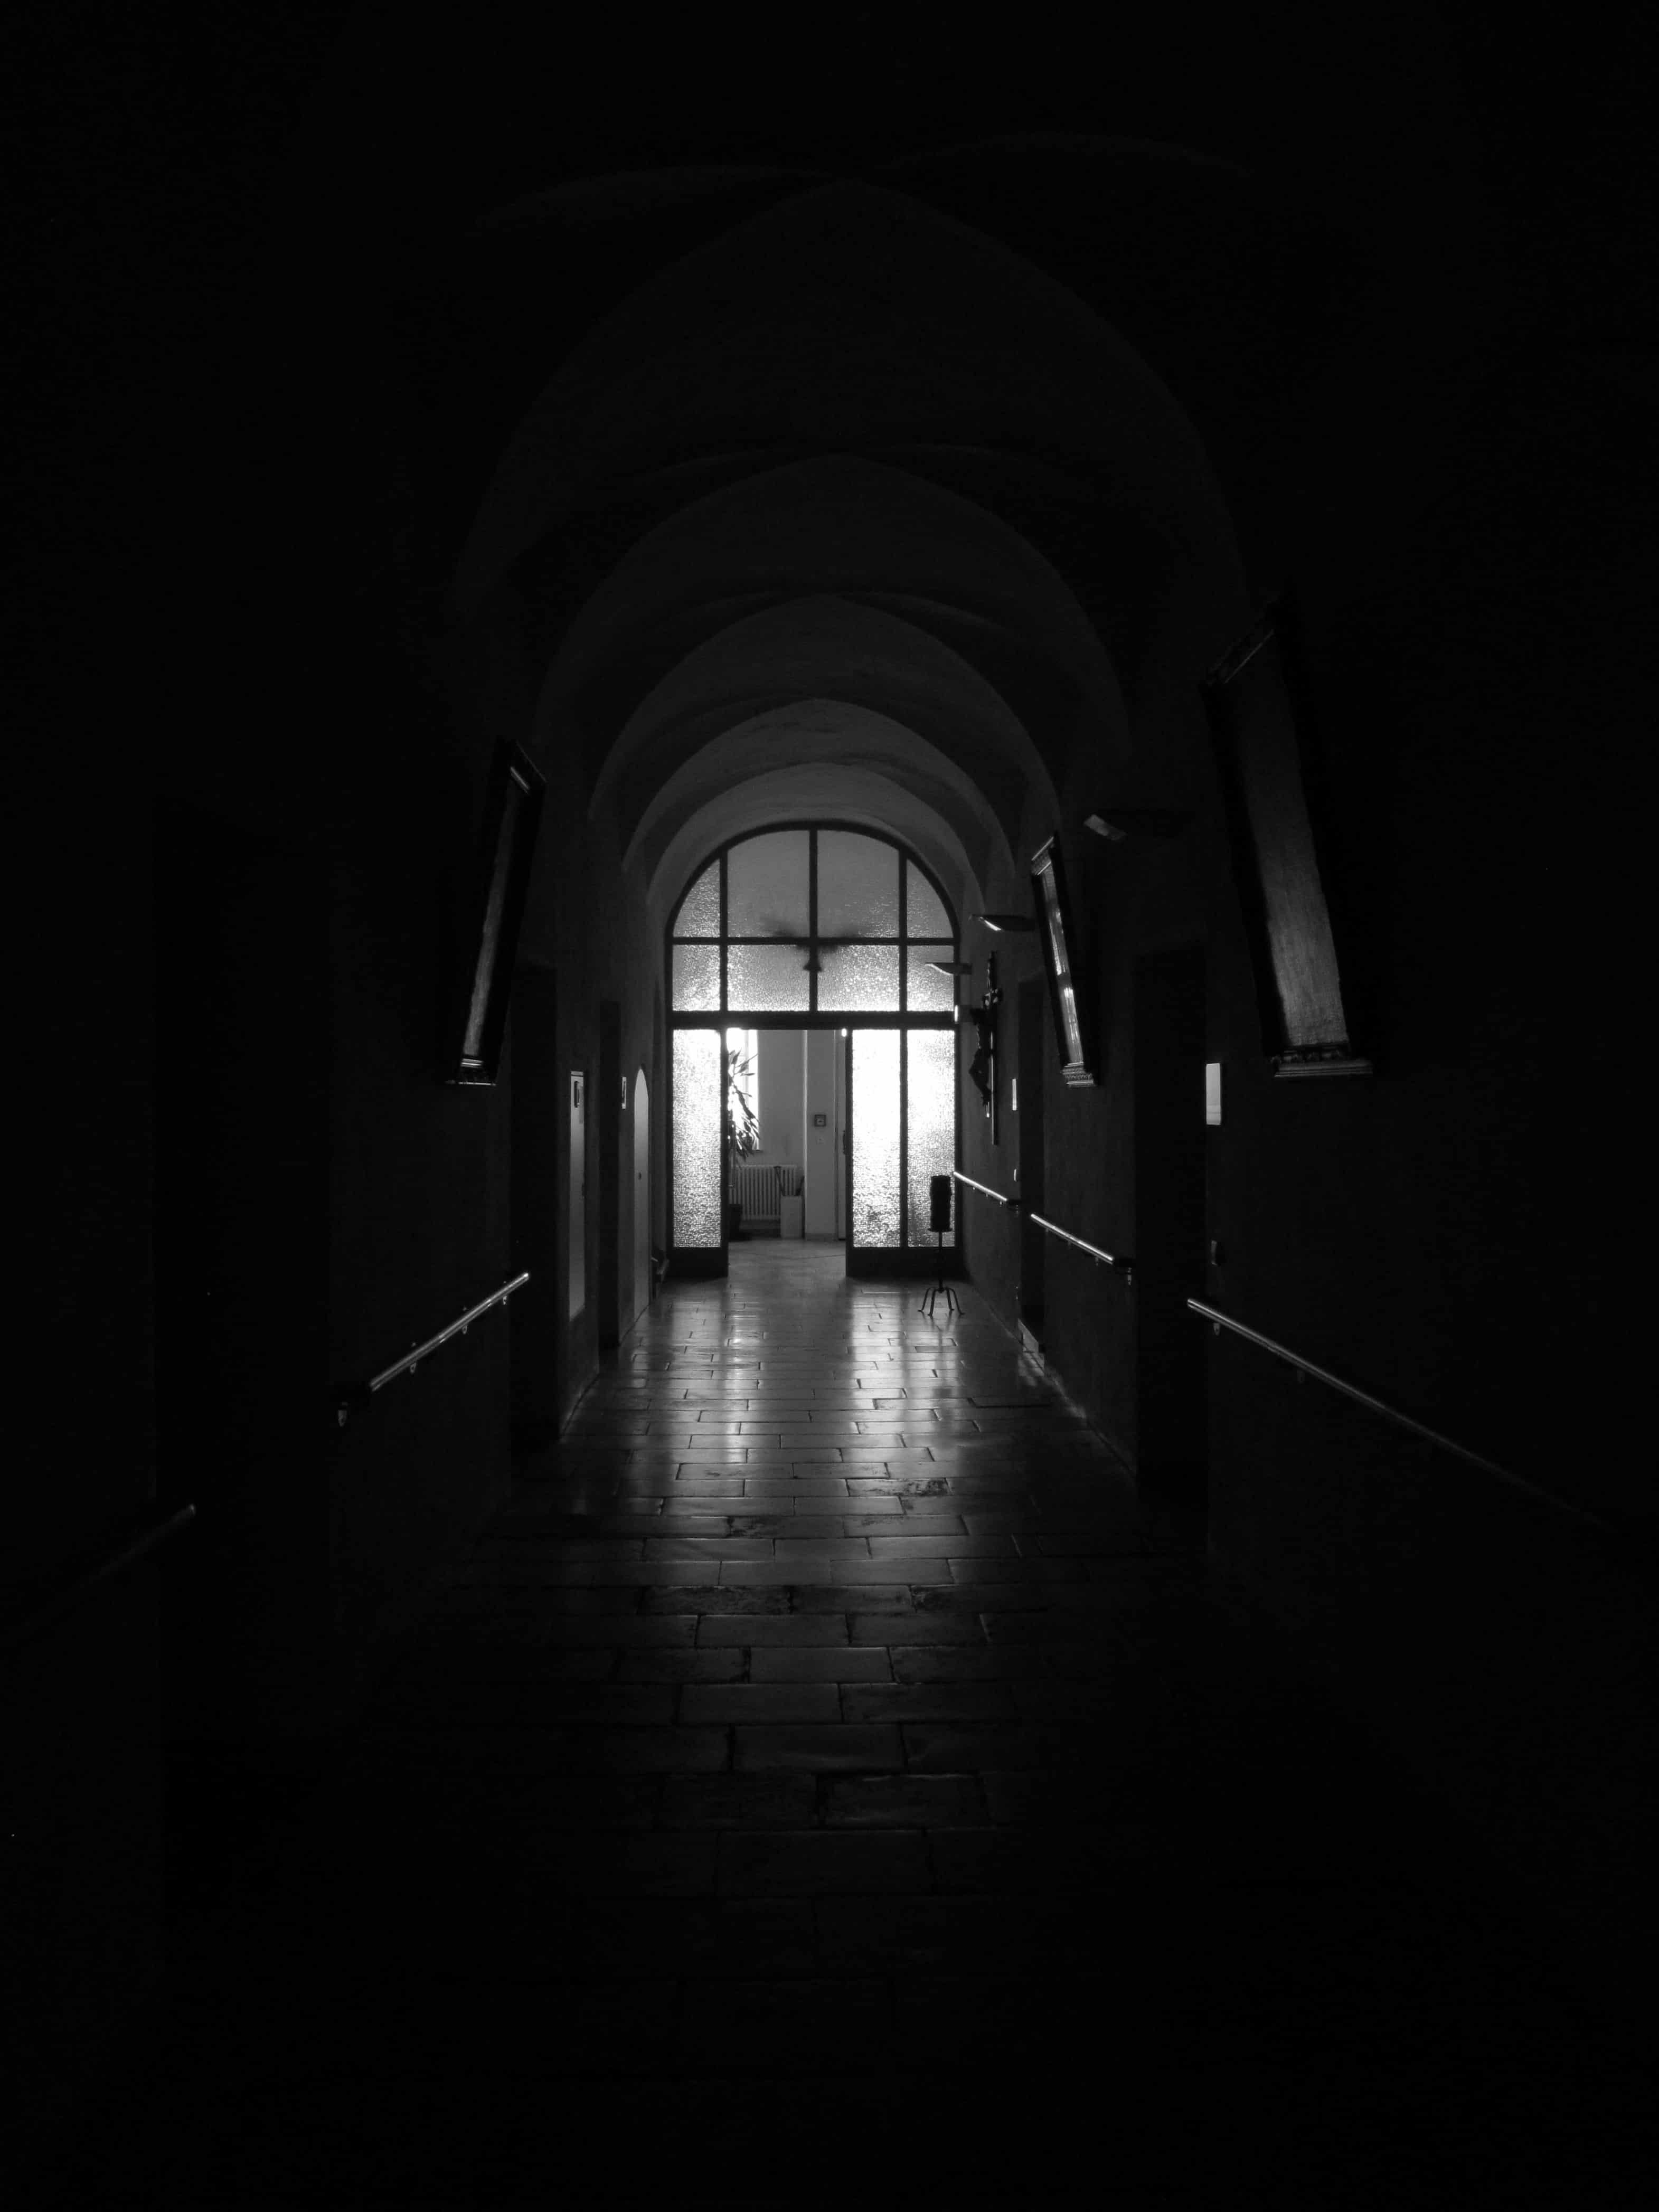 Image libre monochrome architecture tnbres obscurit tunnel toit ombre vieux